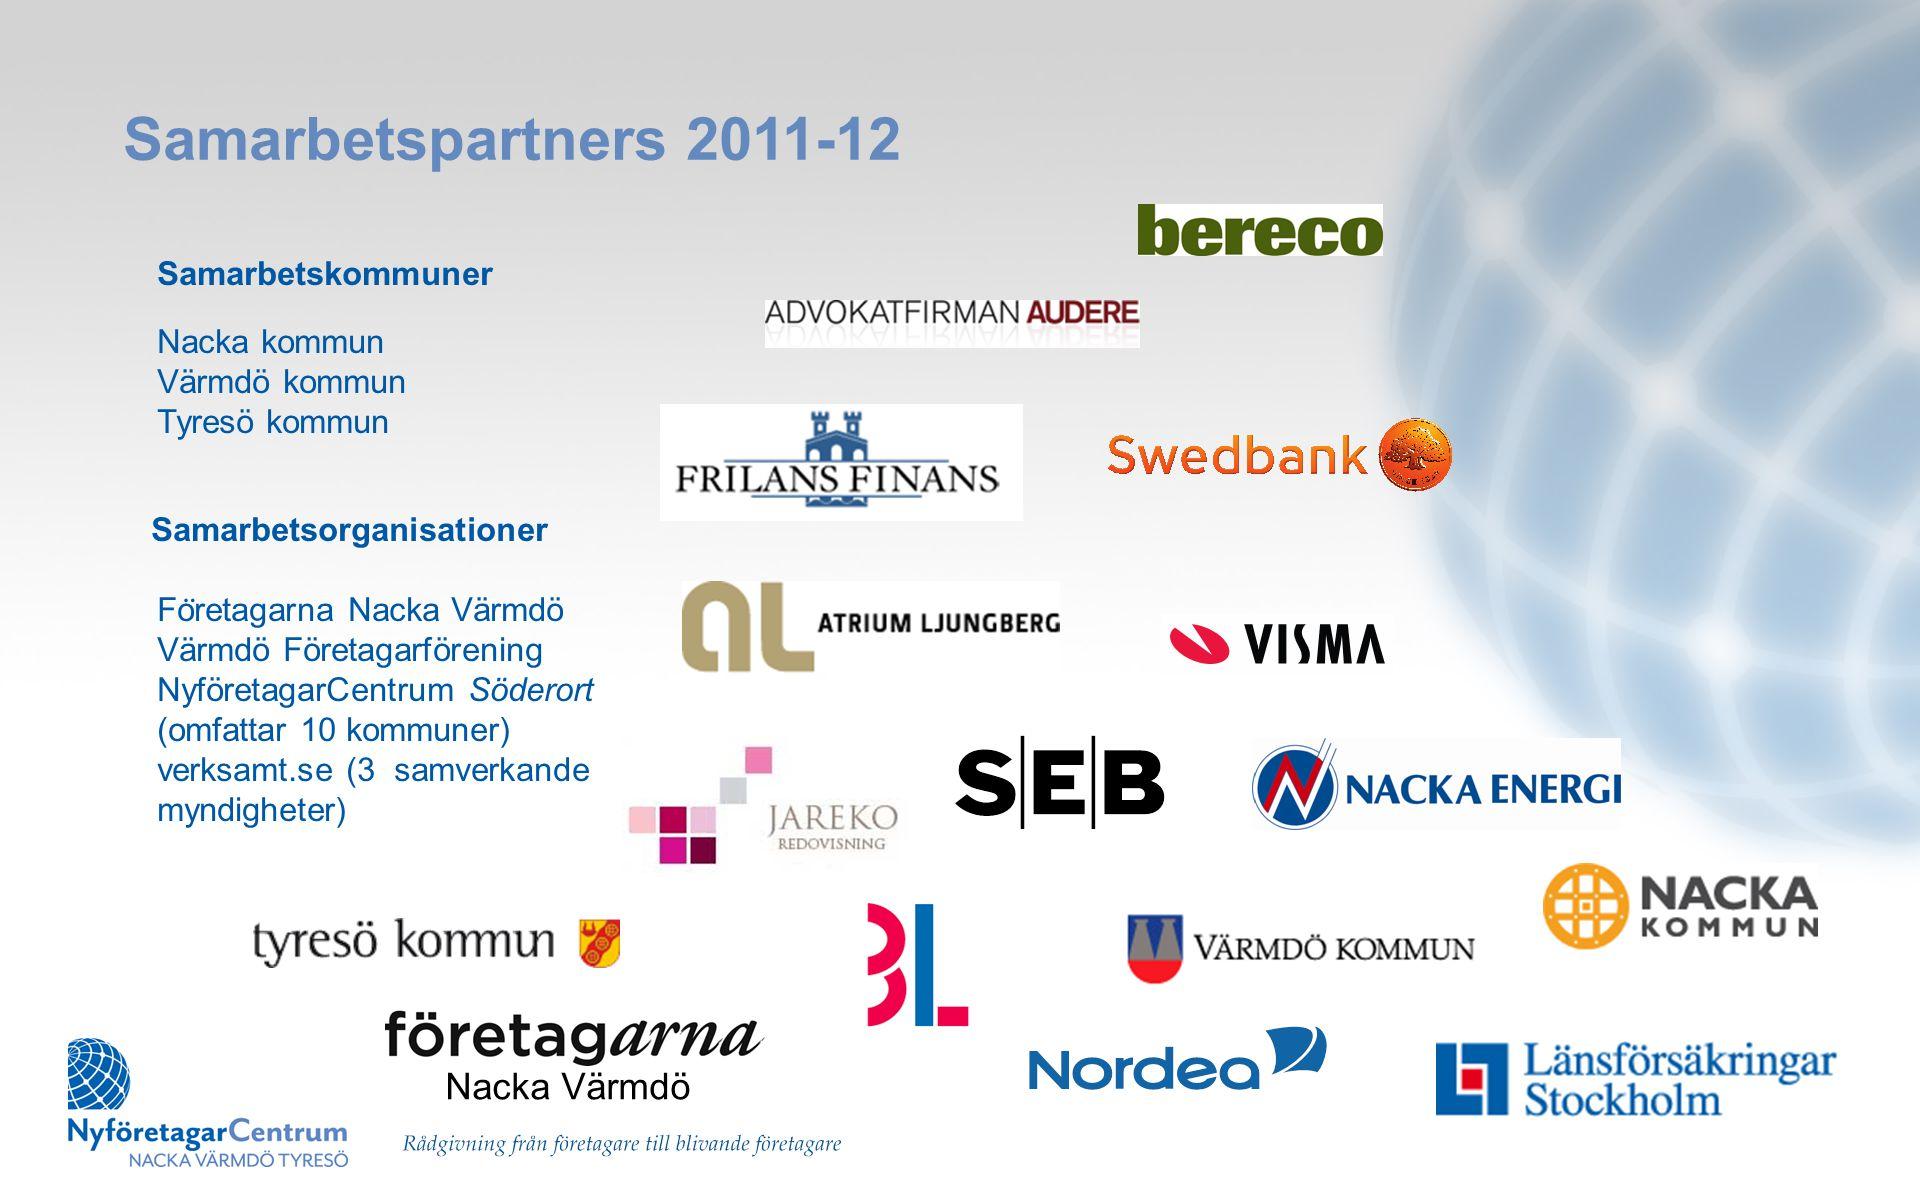 Samarbetspartners 2011-12 Samarbetskommuner Nacka kommun Värmdö kommun Tyresö kommun Samarbetsorganisationer Fo ̈ retagarna Nacka Värmdö Värmdö Företa